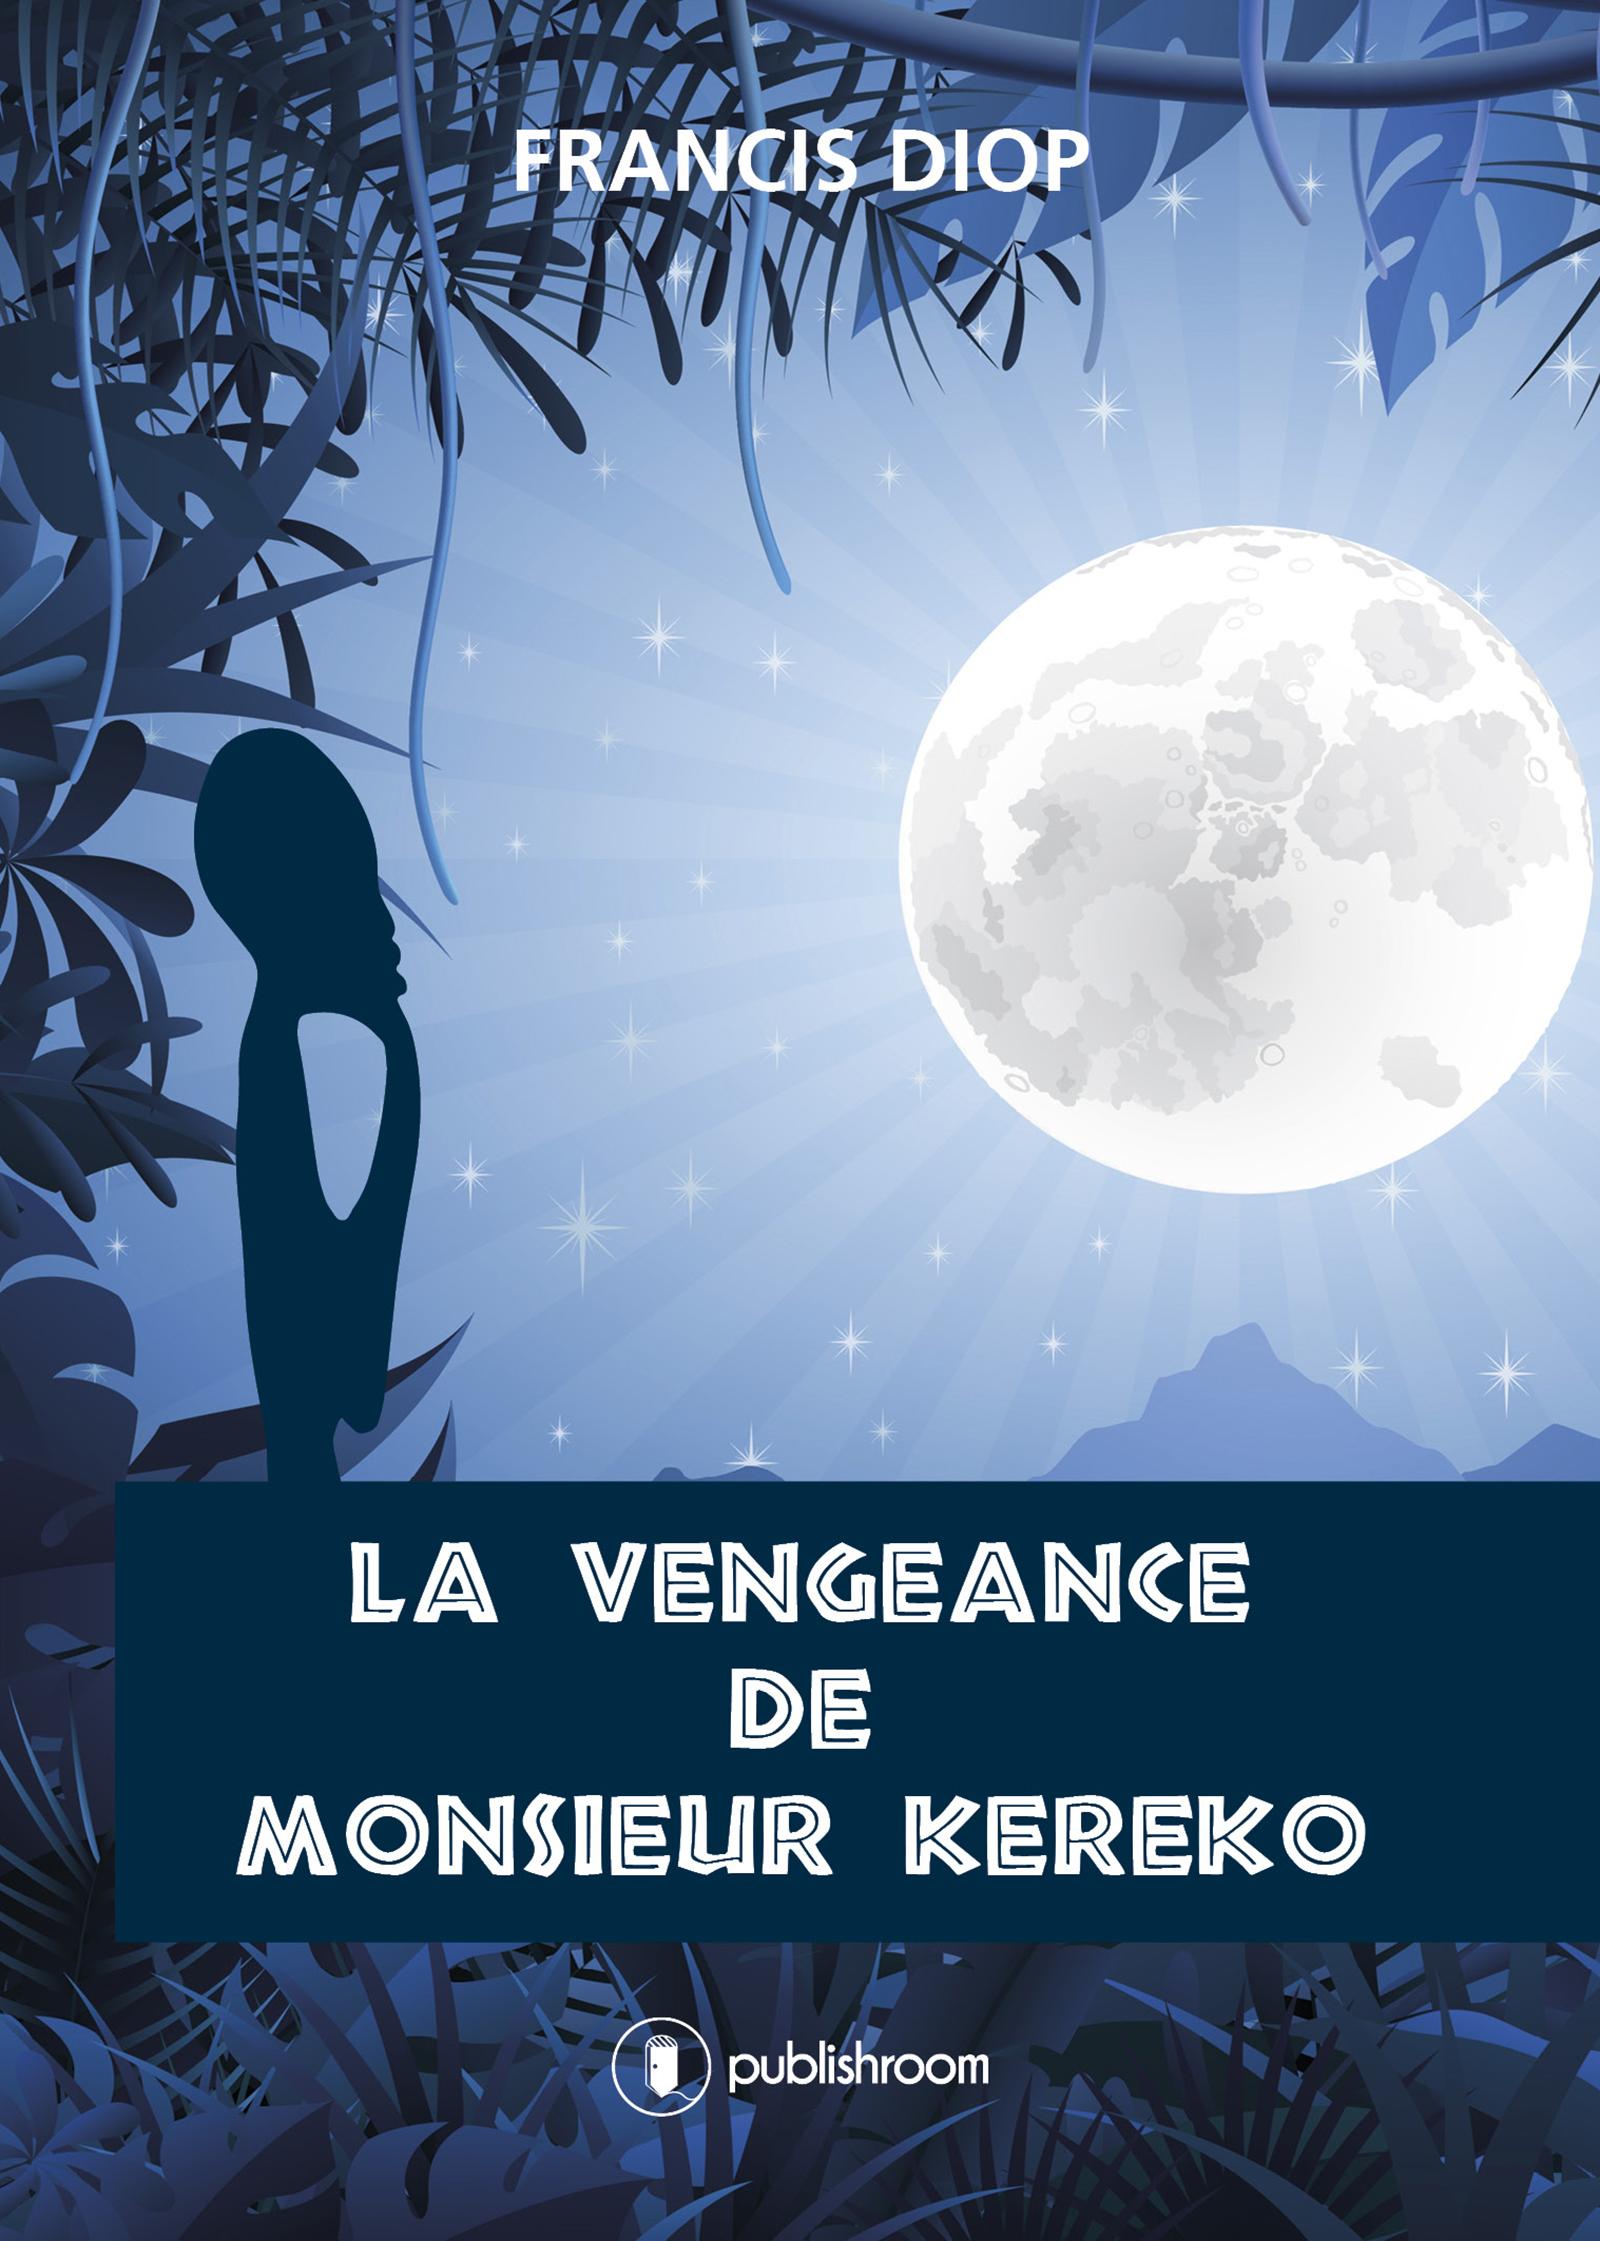 La vengeance de Monsieur Kéréko, Une ode à la paix inspirante en cette période d'attentats